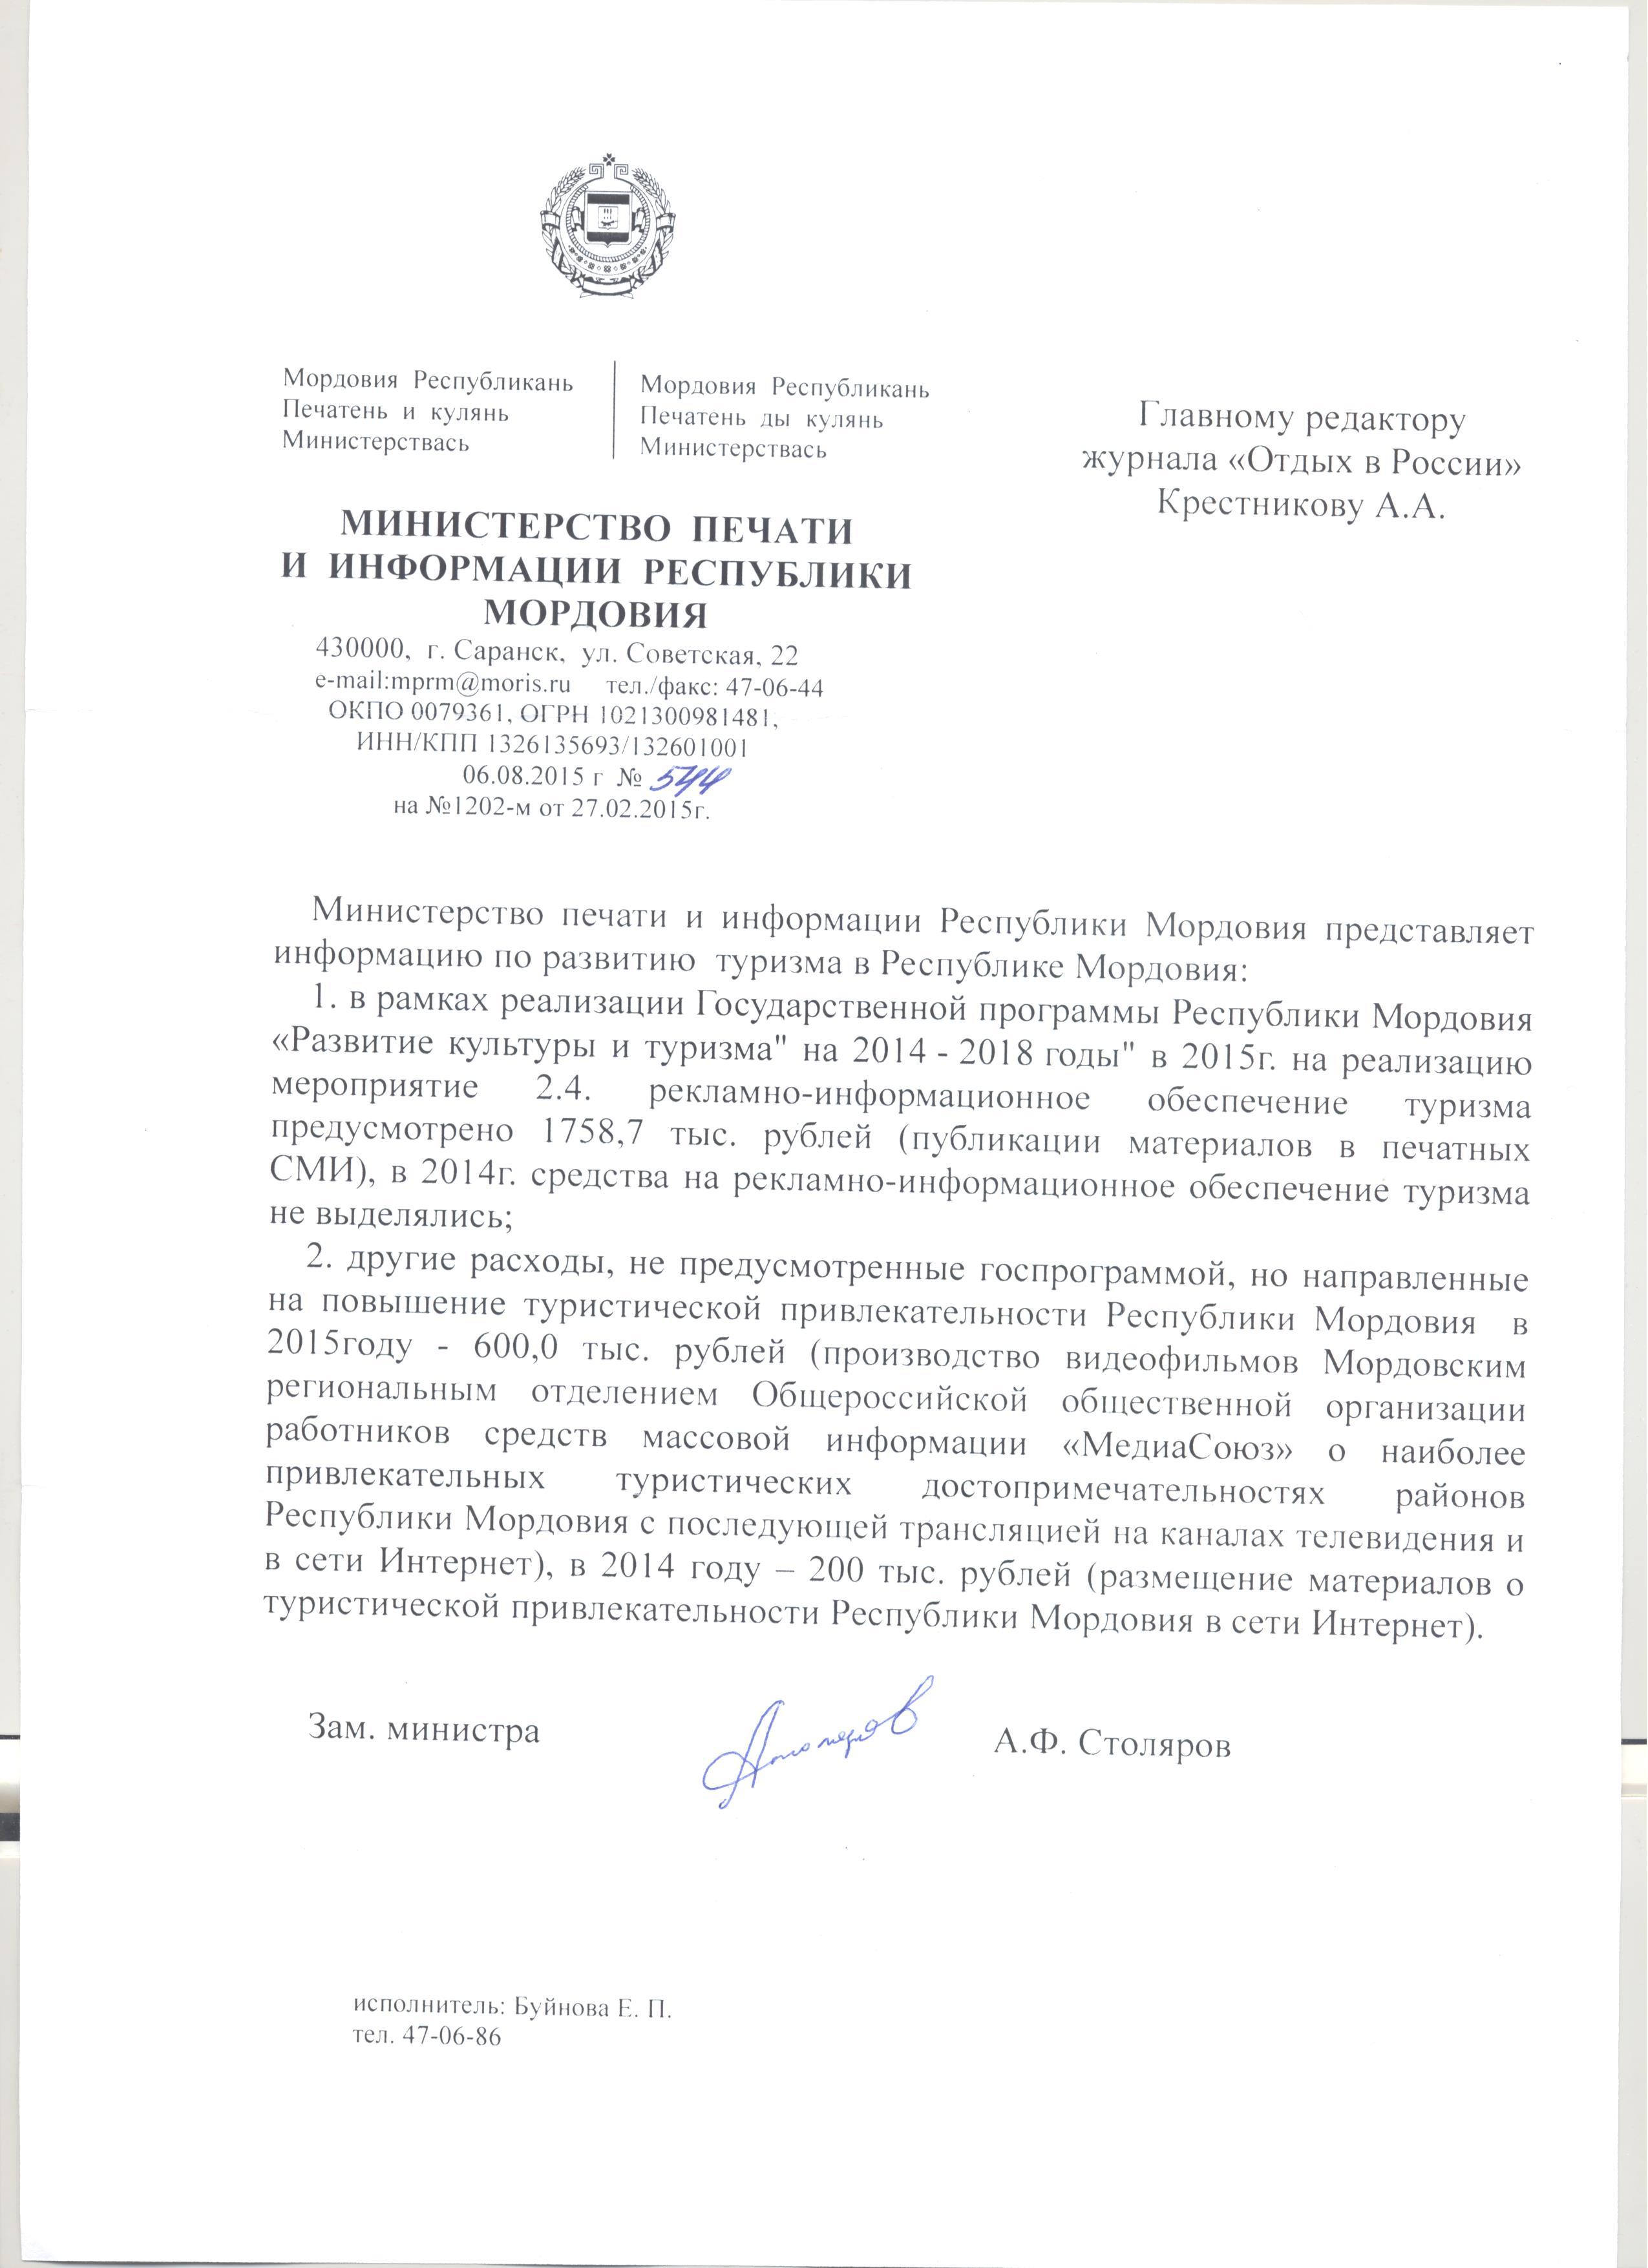 Ответ Республики Мордовия